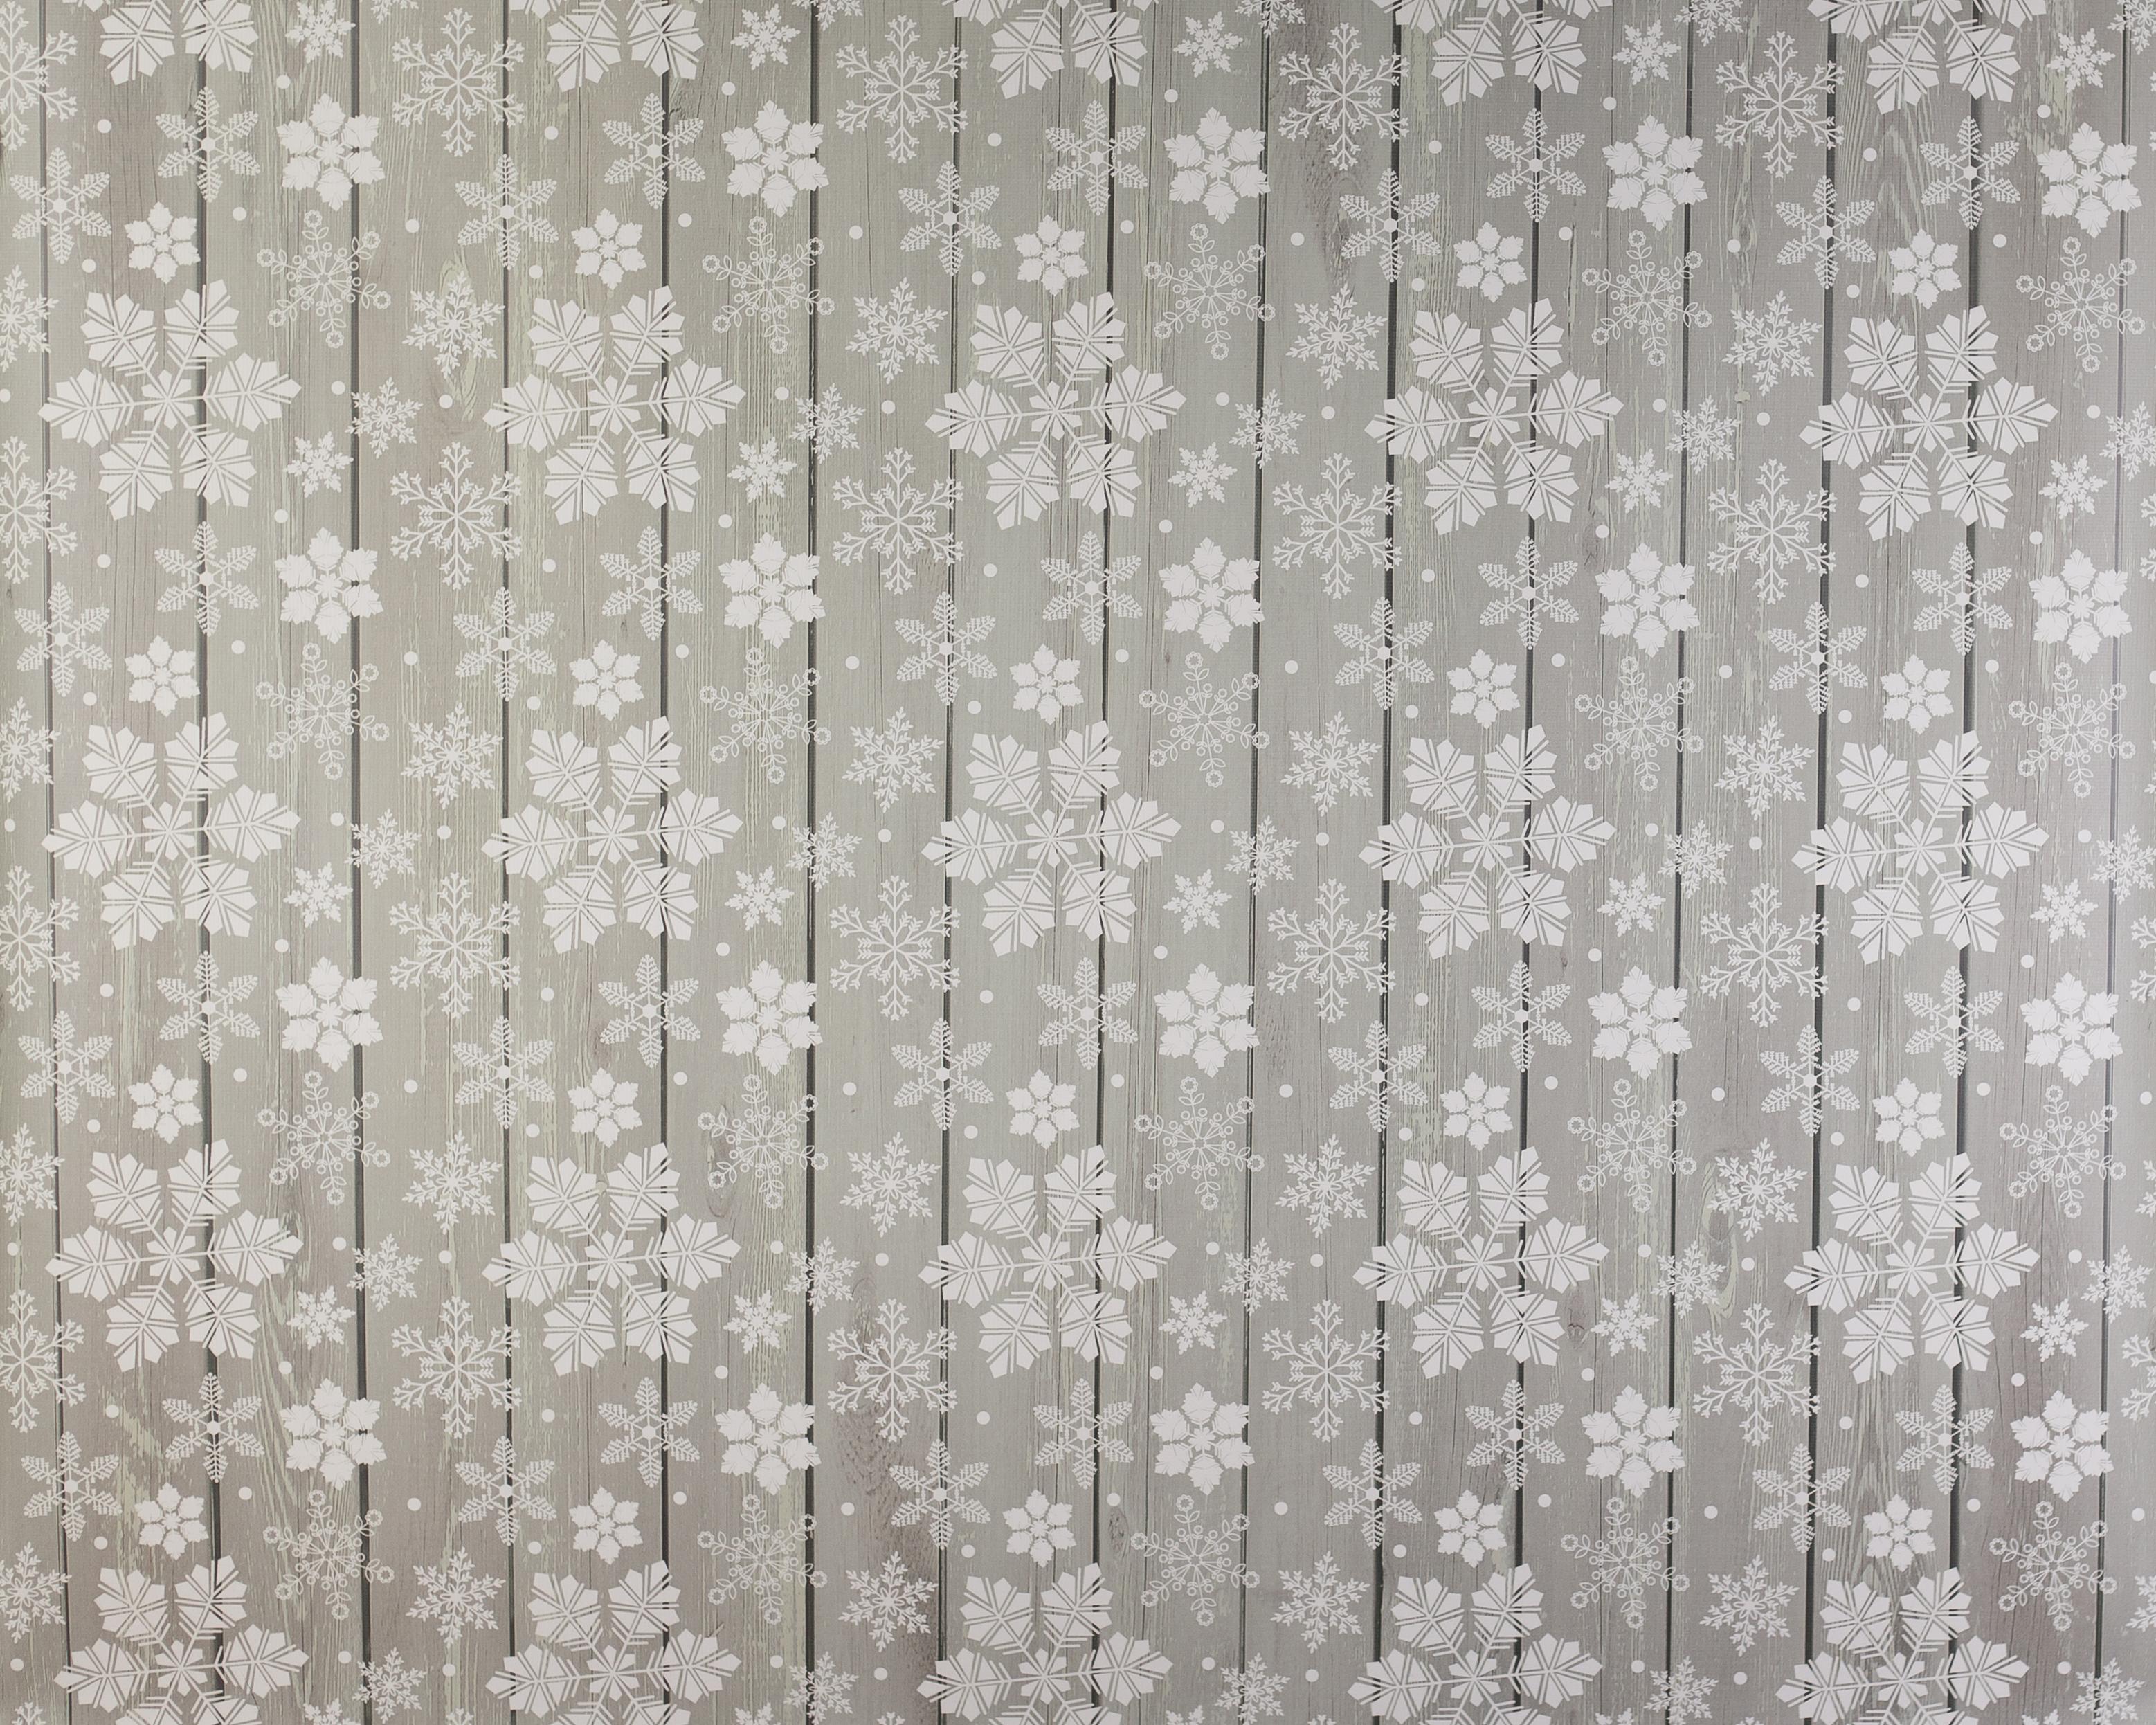 W-8 Snowflake Barnwood